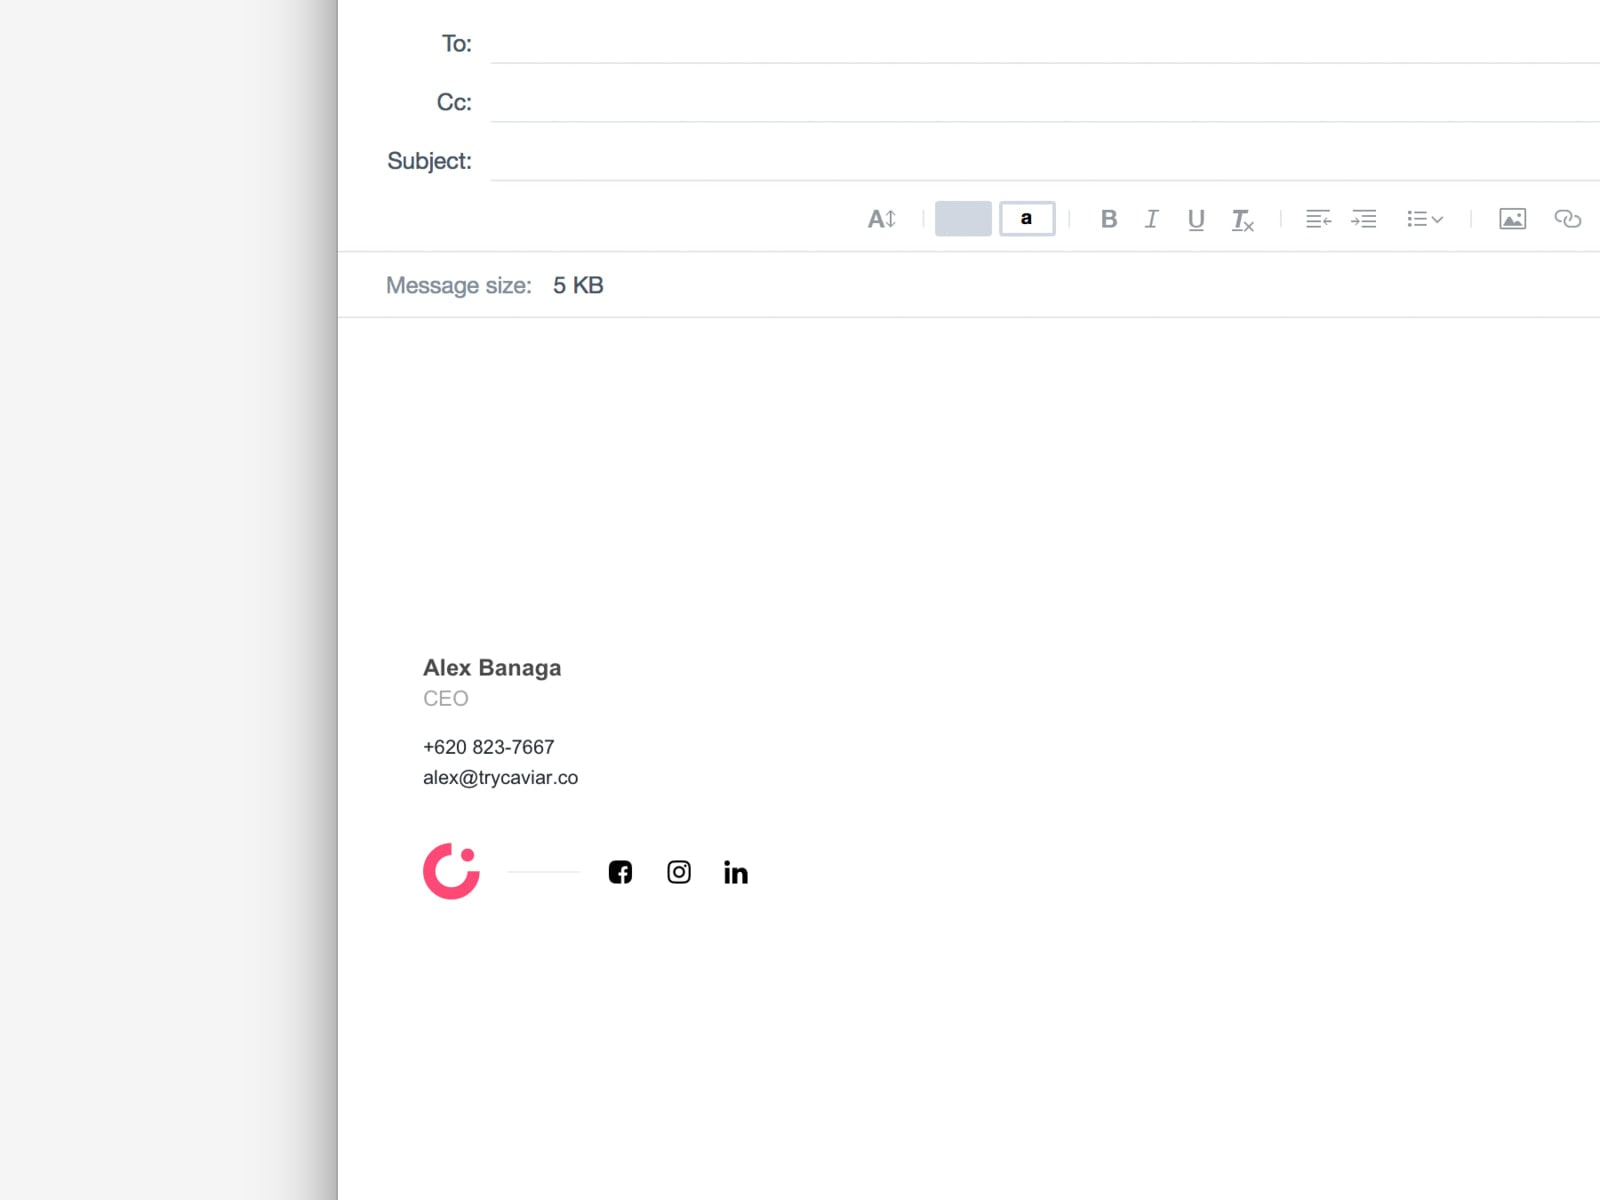 Caviar Email Signature Preview by Alex Banaga